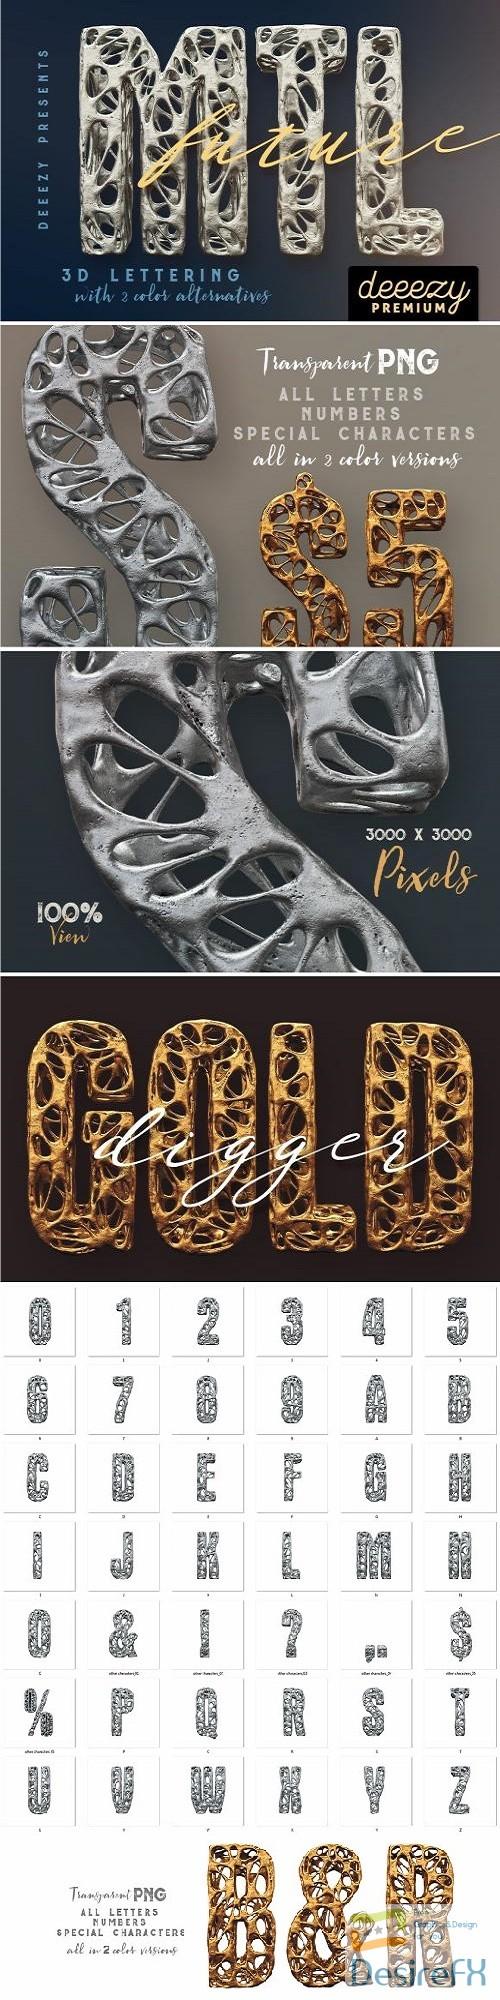 photoshop - Future Metal – 3D Lettering - 2659337